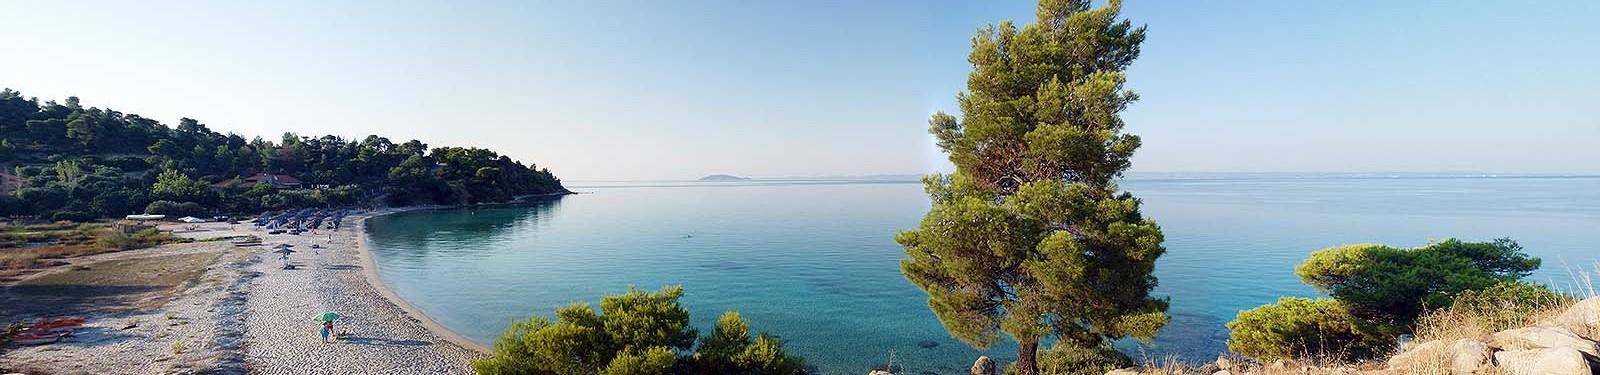 Koviou beach Nikiti